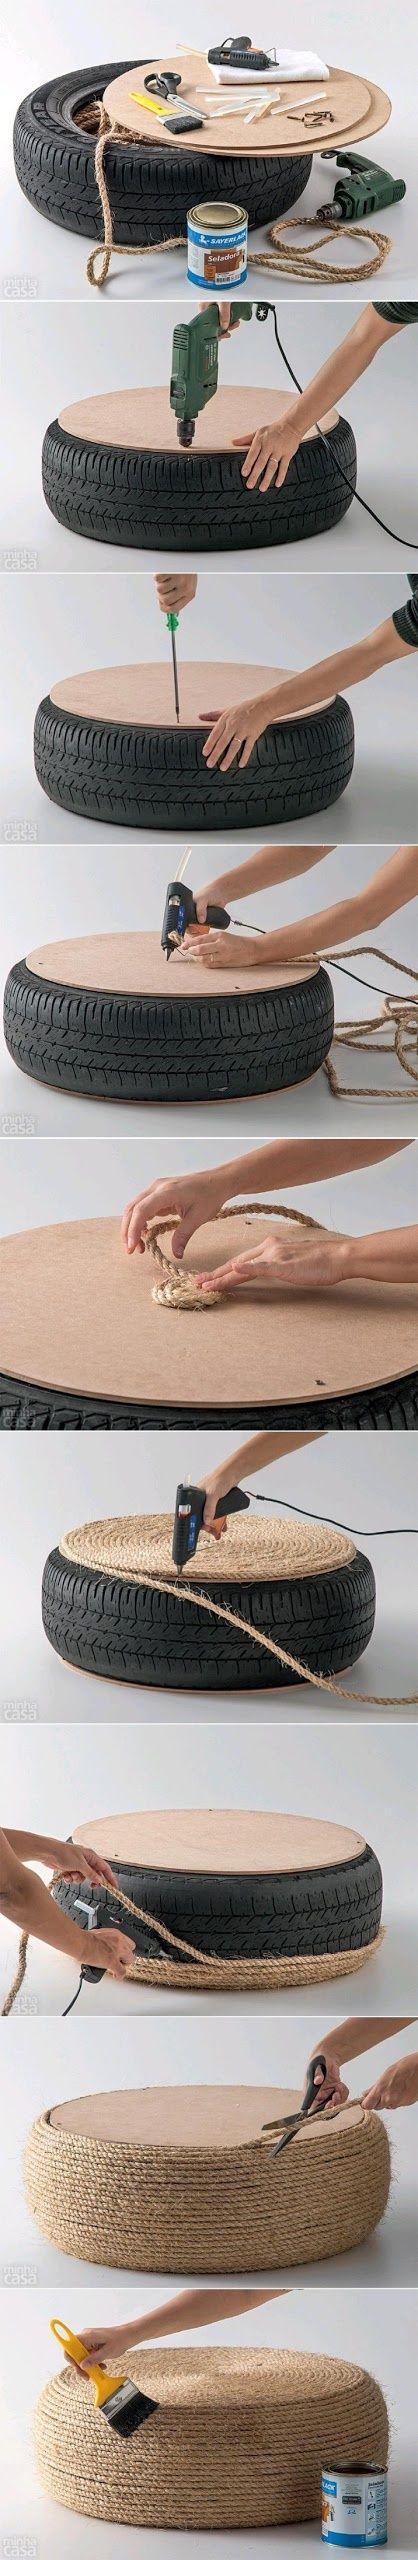 creazione con corda 18